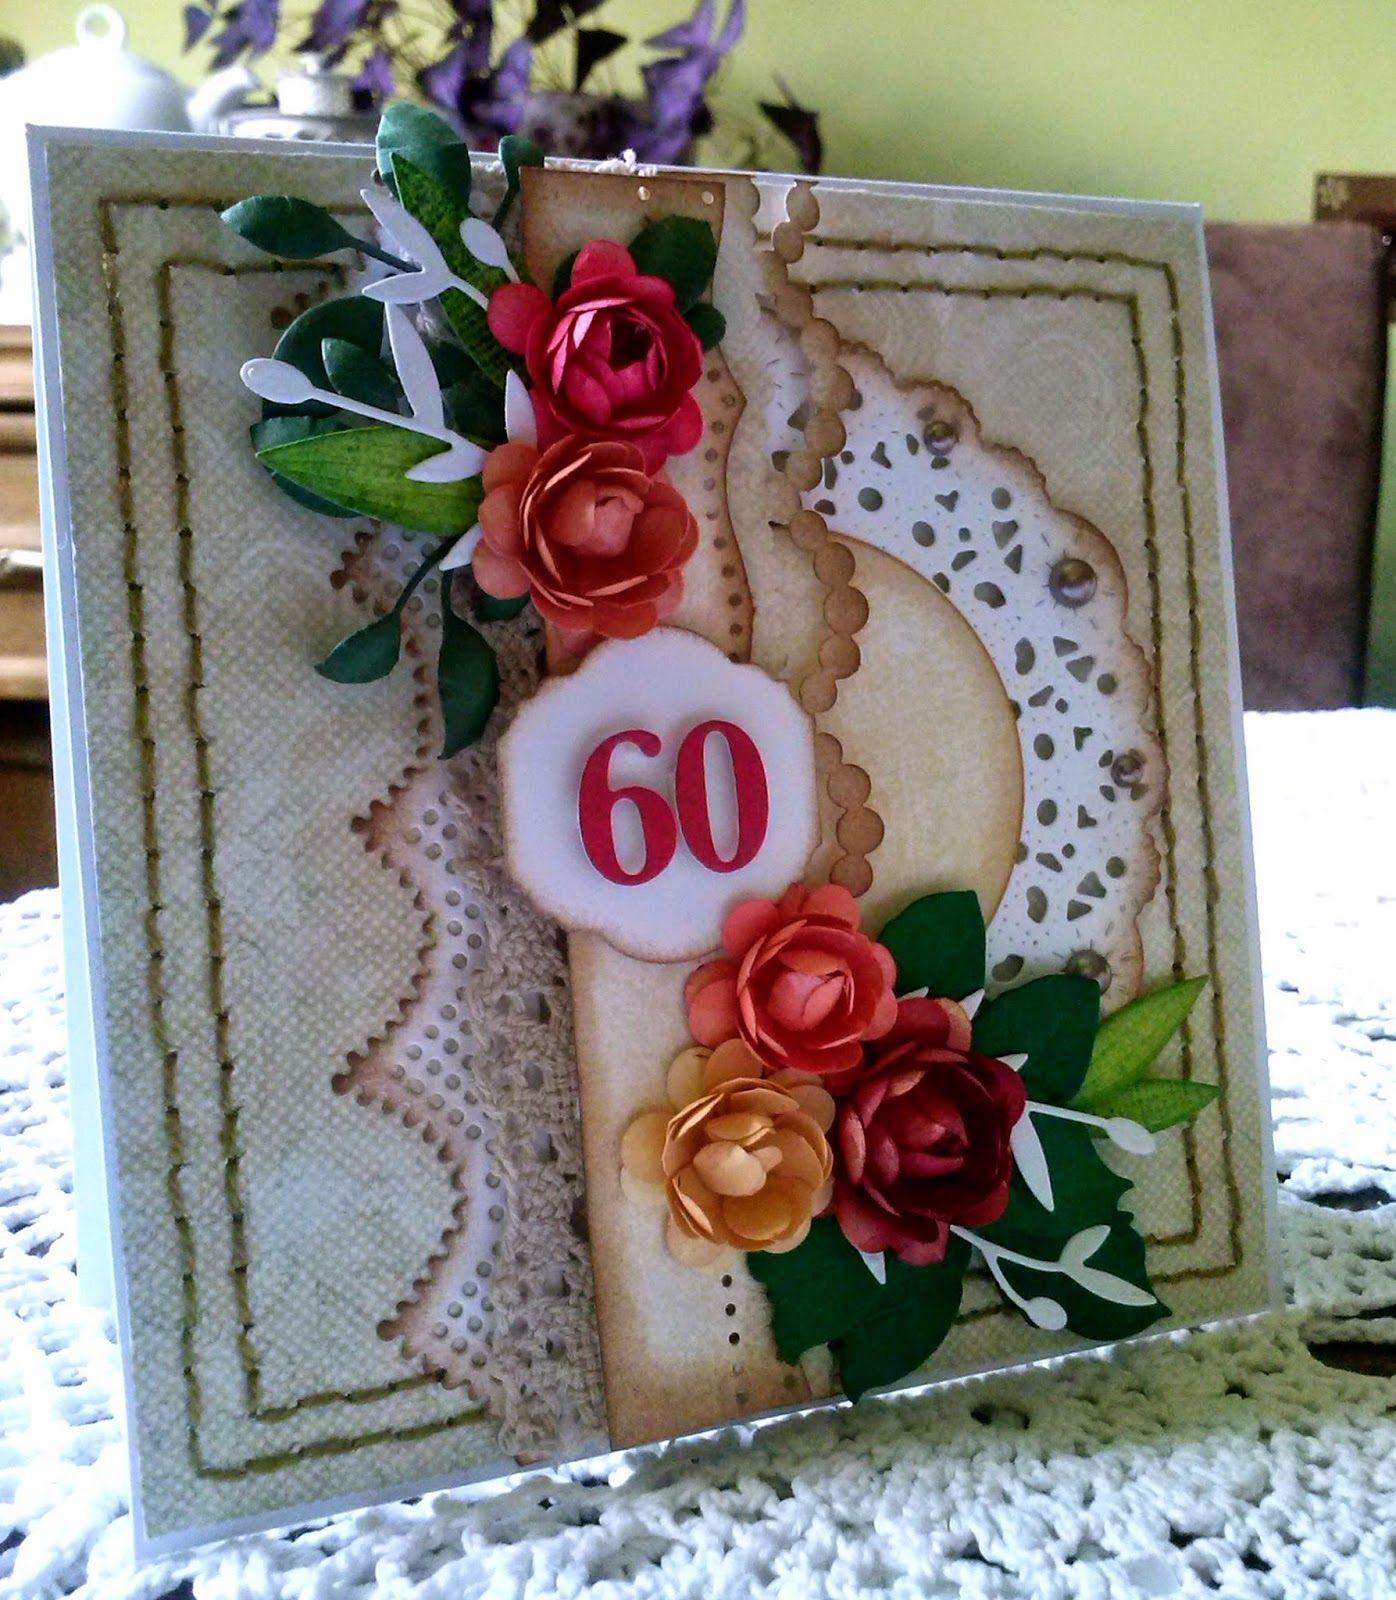 60 Lat Urodziny Urodziny 60 Urodziny Kartki Okolicznosciowe